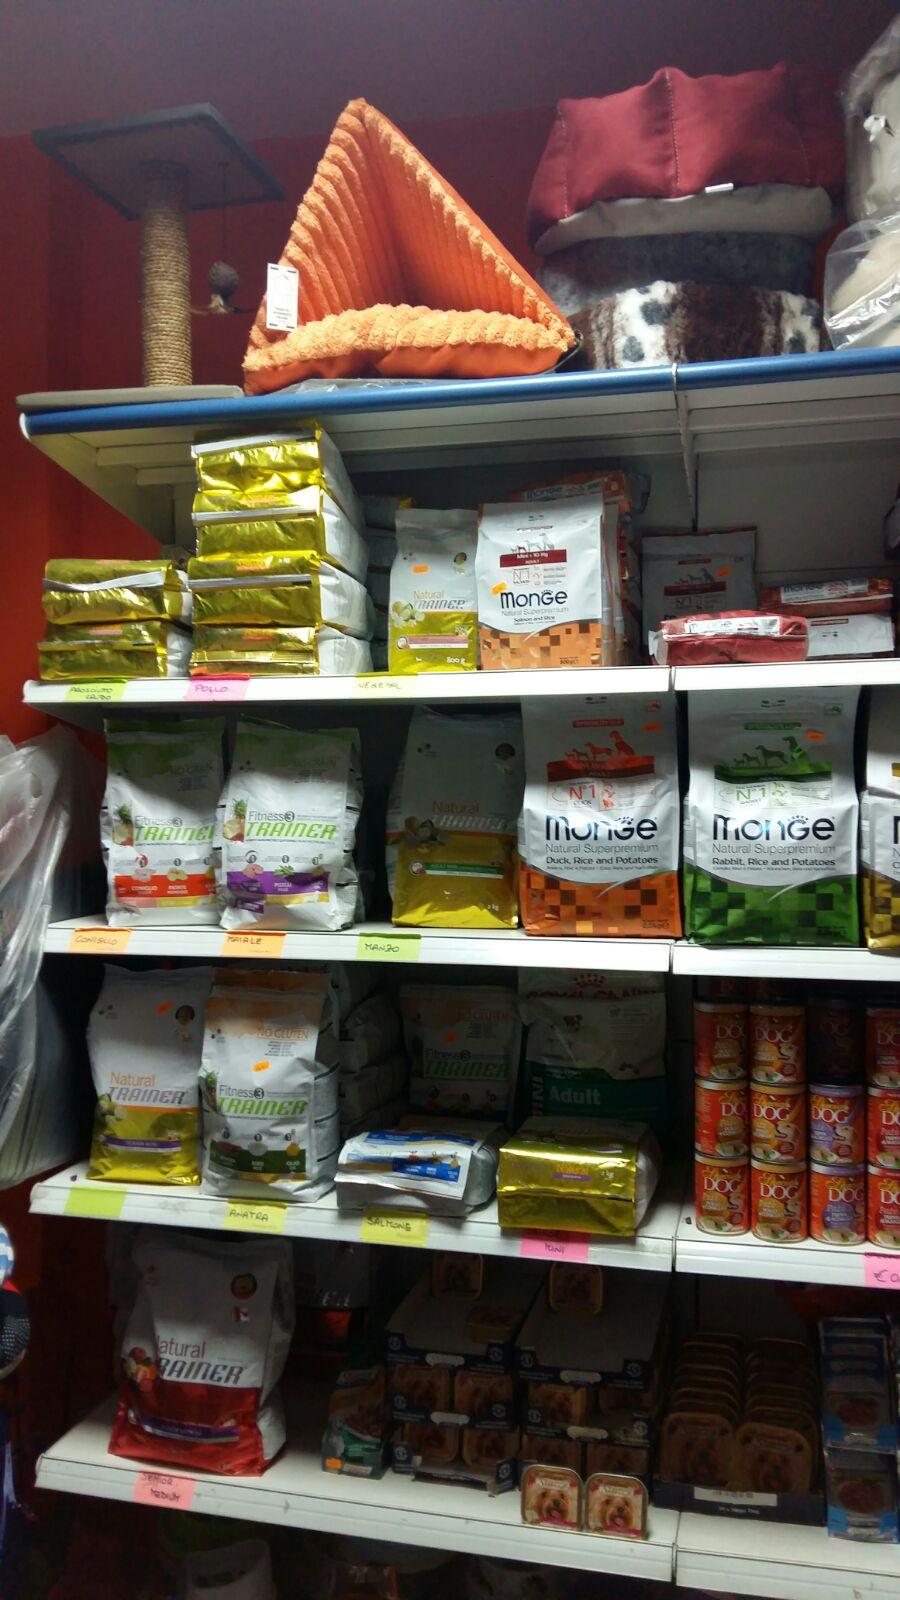 Delle mensole con delle confezioni di mangime per gli animali e delle cucce